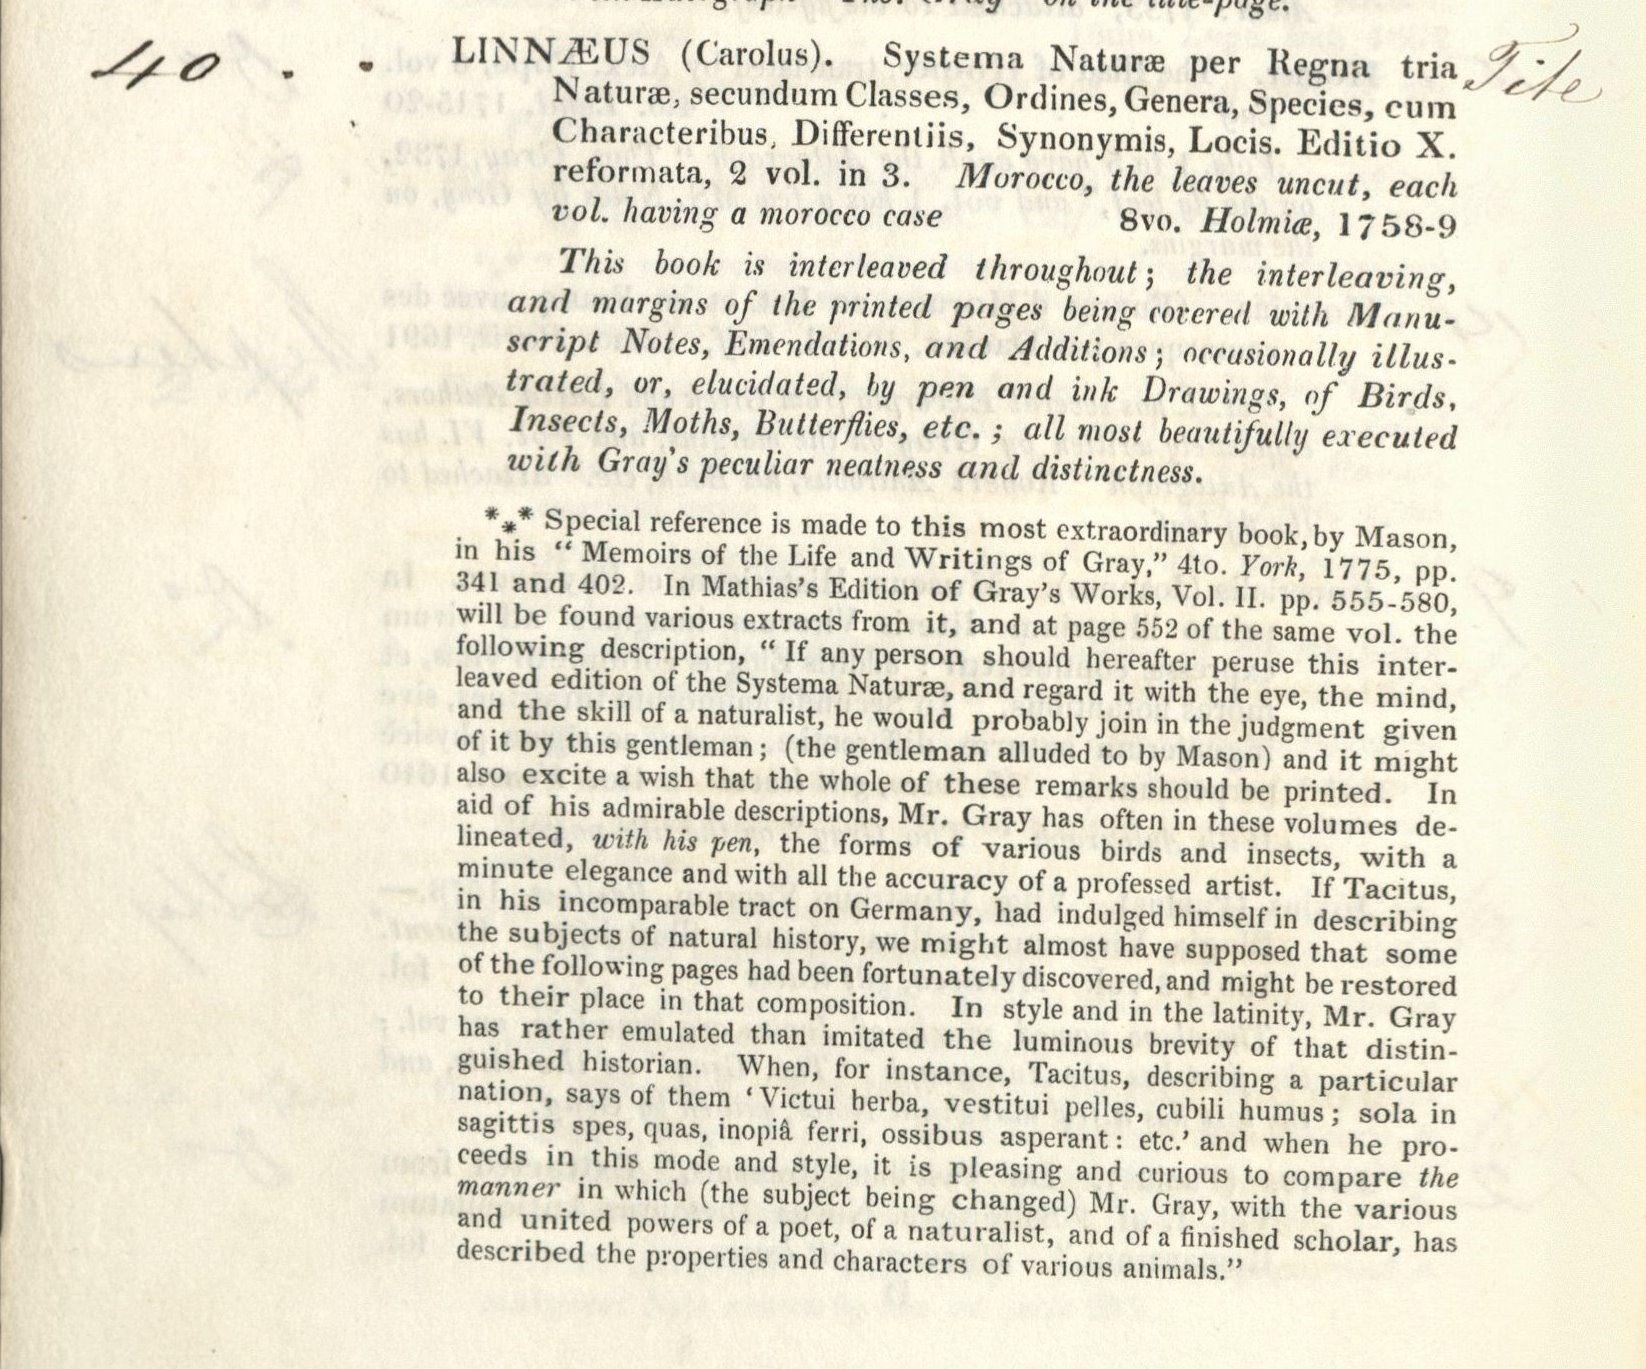 1851 Sotheby's entry for Gray's Linnaeus. B 1827 435*